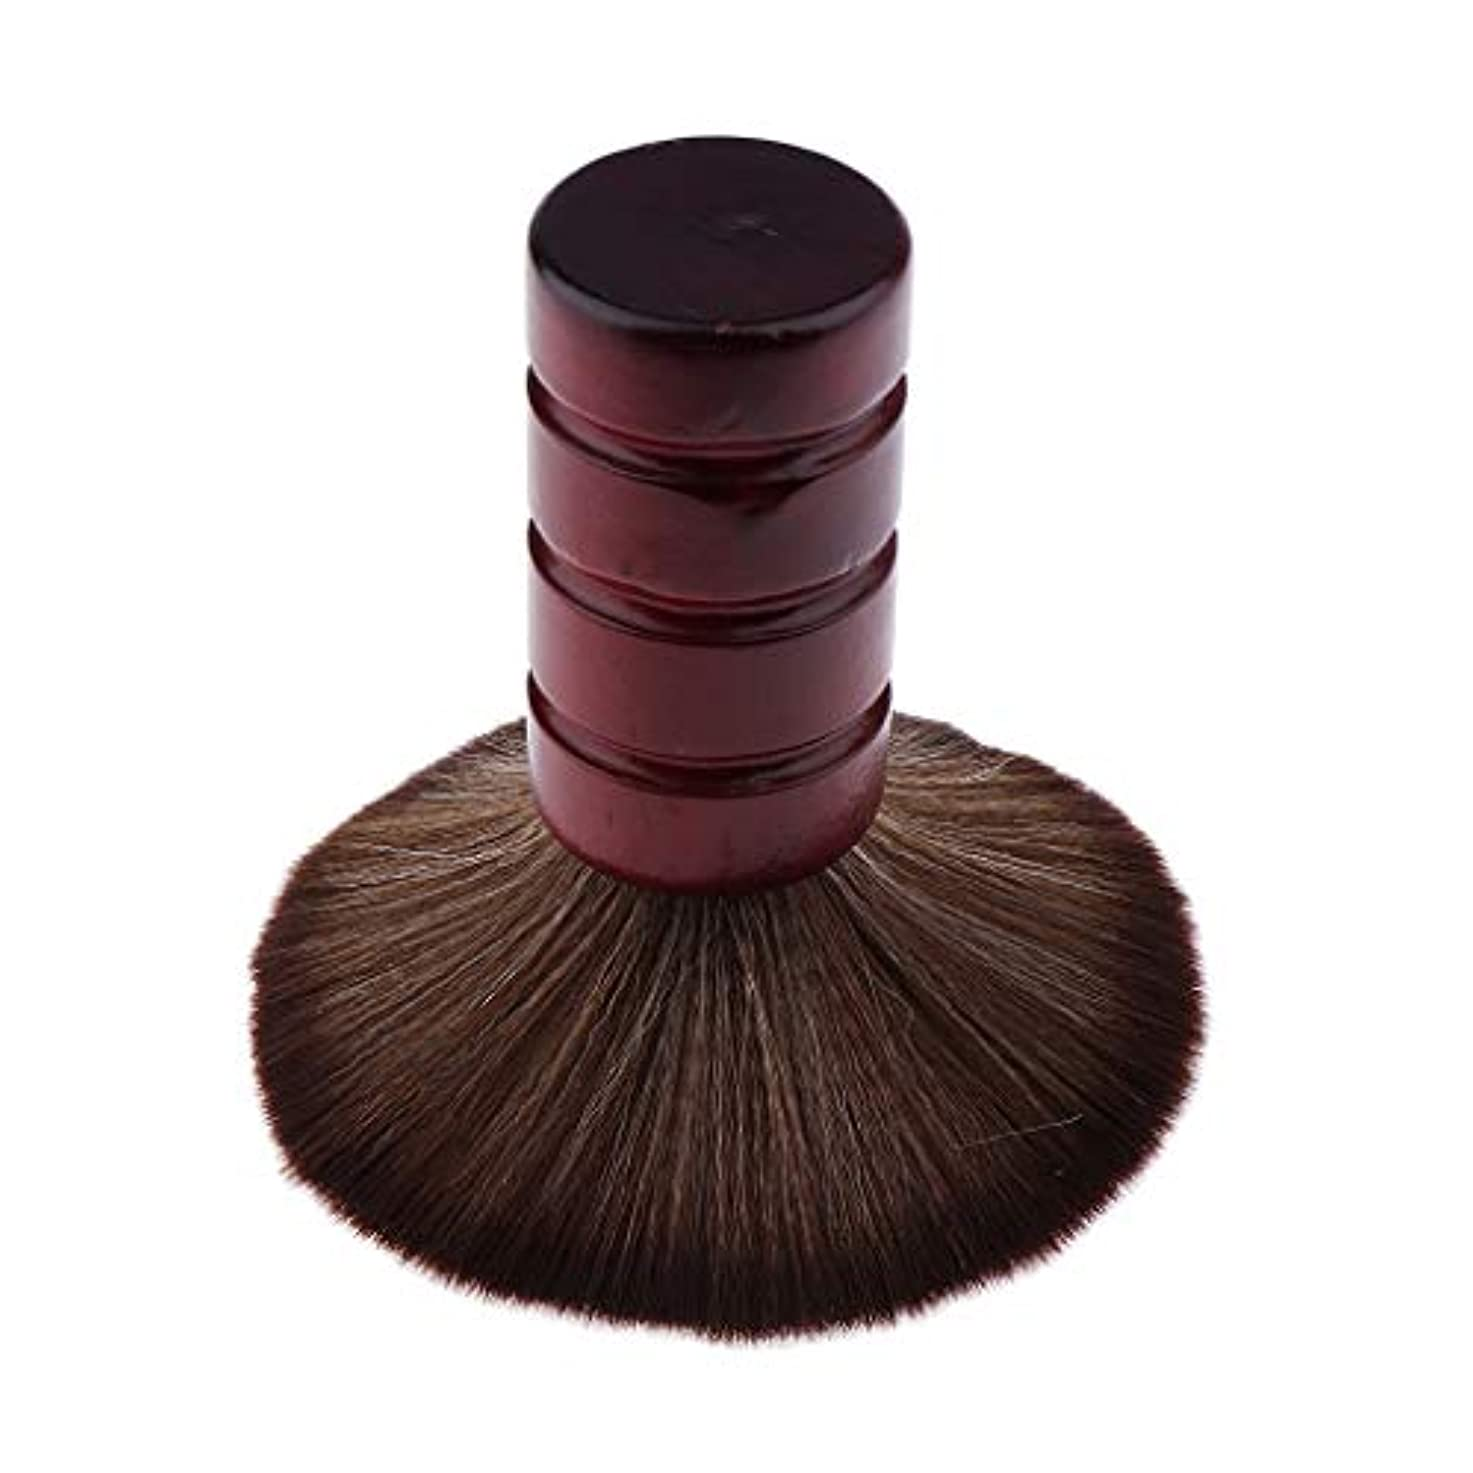 キリスト教くつろぎ支給B Blesiya ヘアカット ネックダスターブラシ バーバー ヘアーサロン シェービング 美容ブラシ